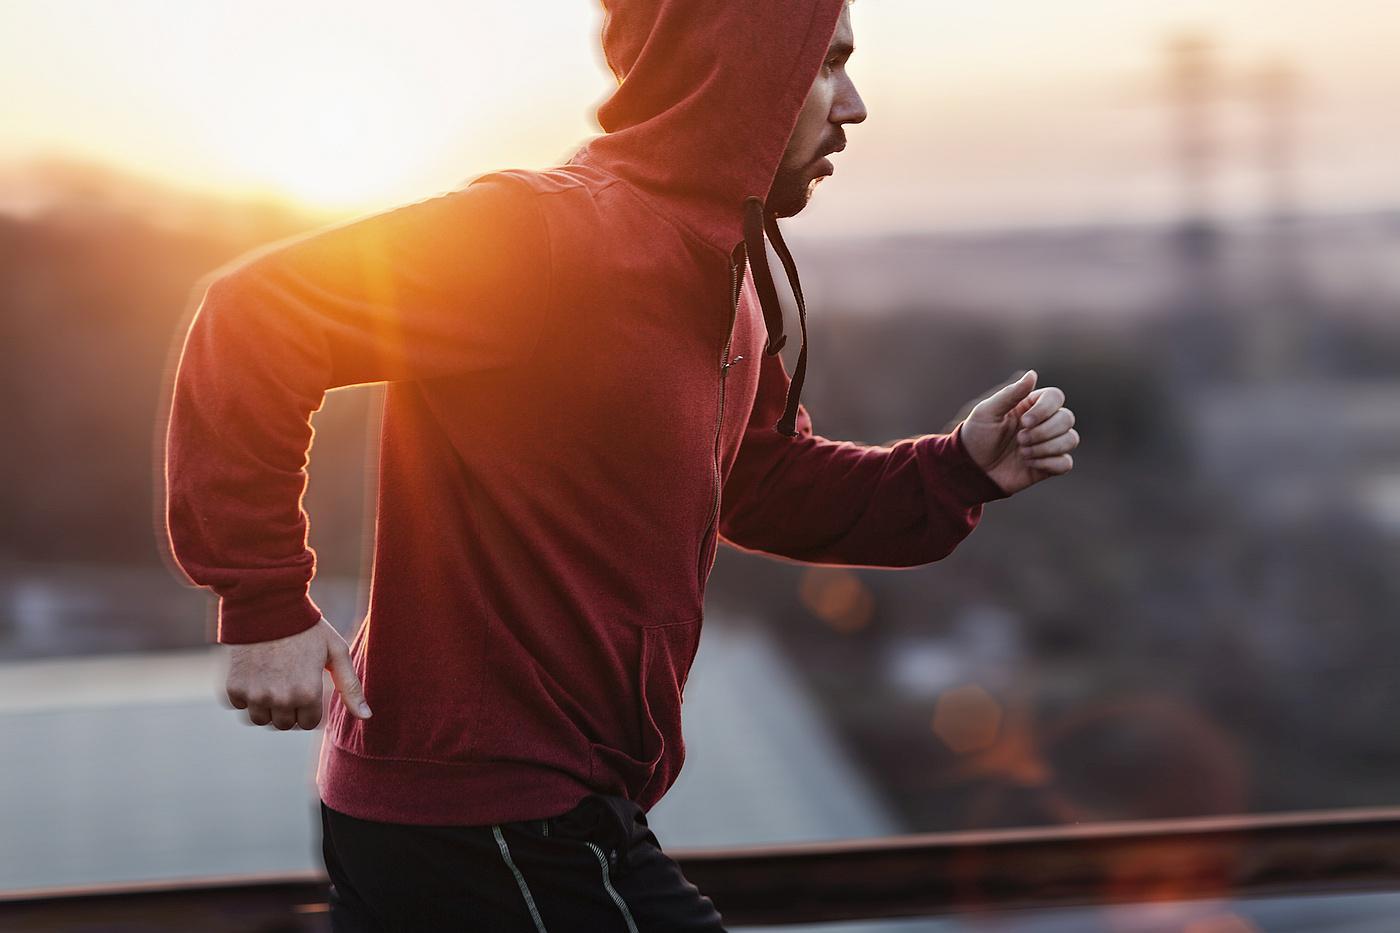 Za osobe sa slabijim kostima bi možda bilo bolje da trče nego plivaju ili voze bicikl.